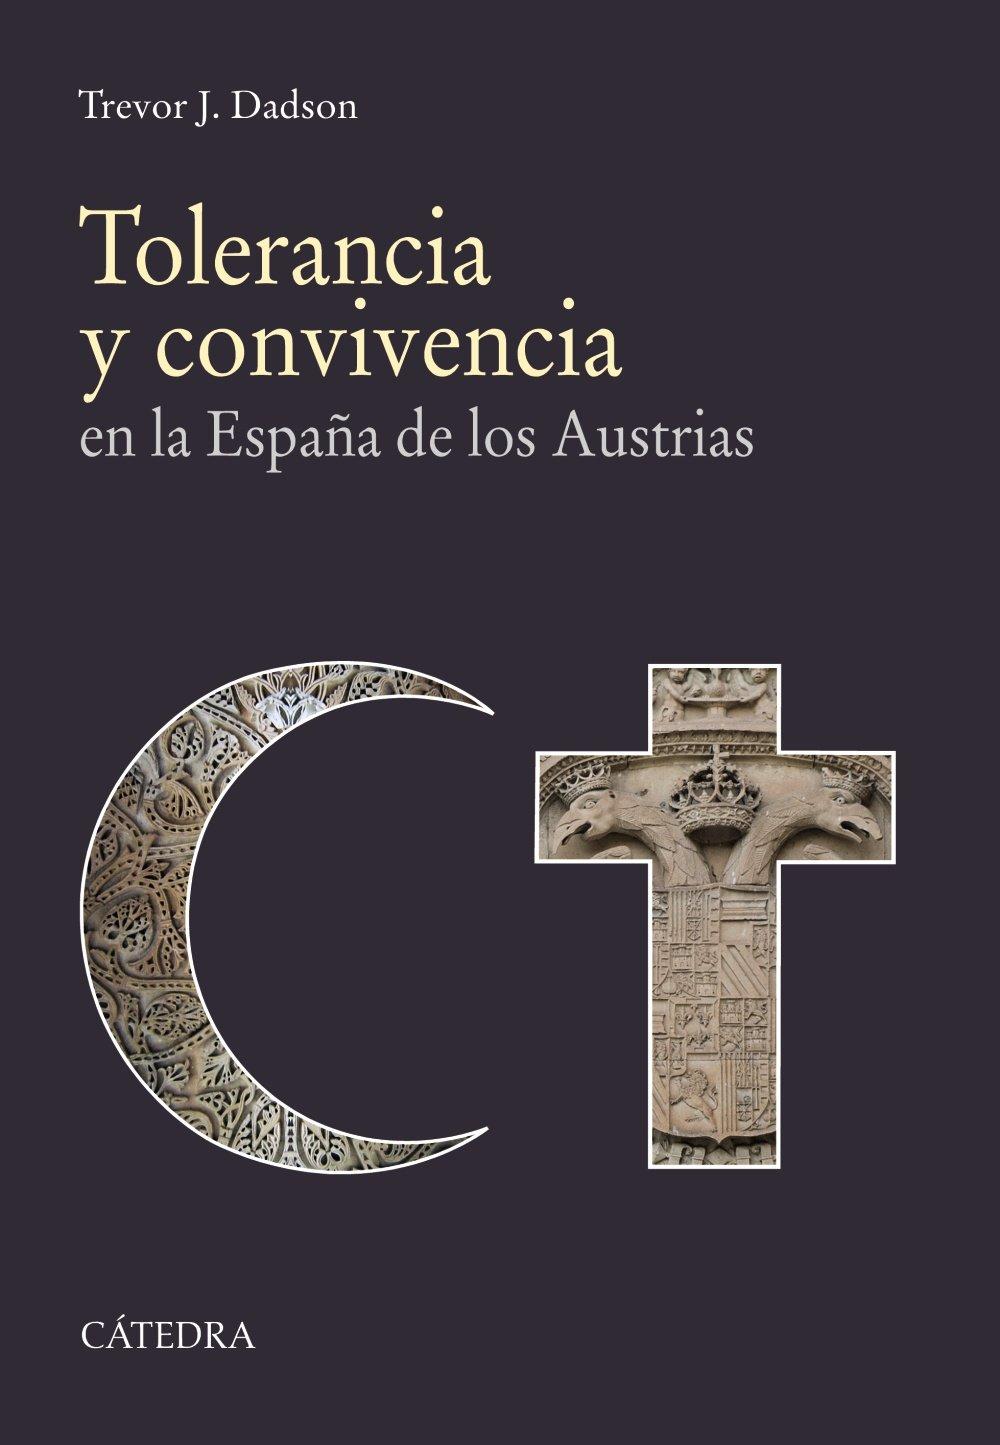 Tolerancia y convivencia: en la España de los Austrias Historia ...